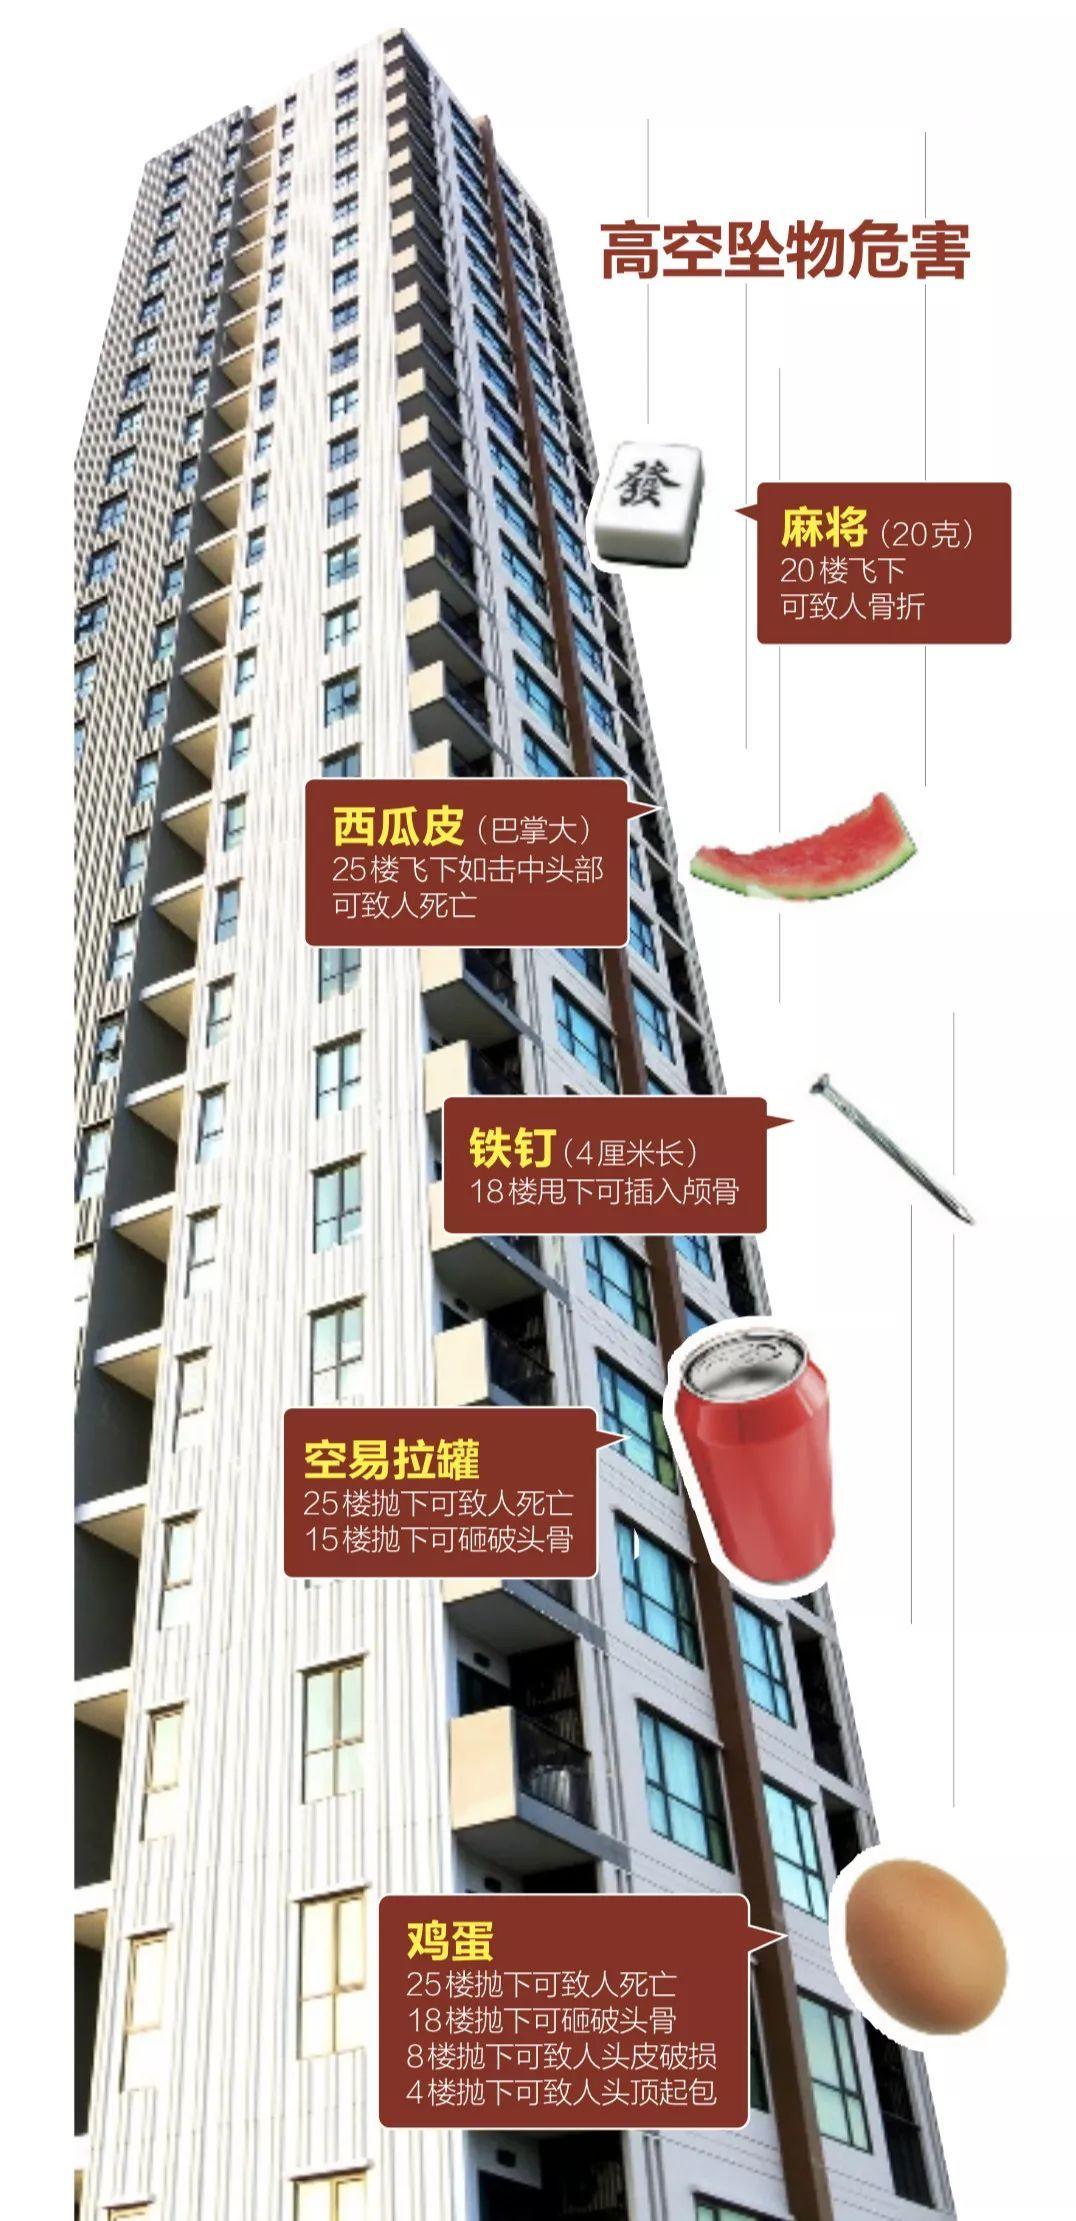 上海经济侦查大队_上海家庭私人司机_上海私人侦查